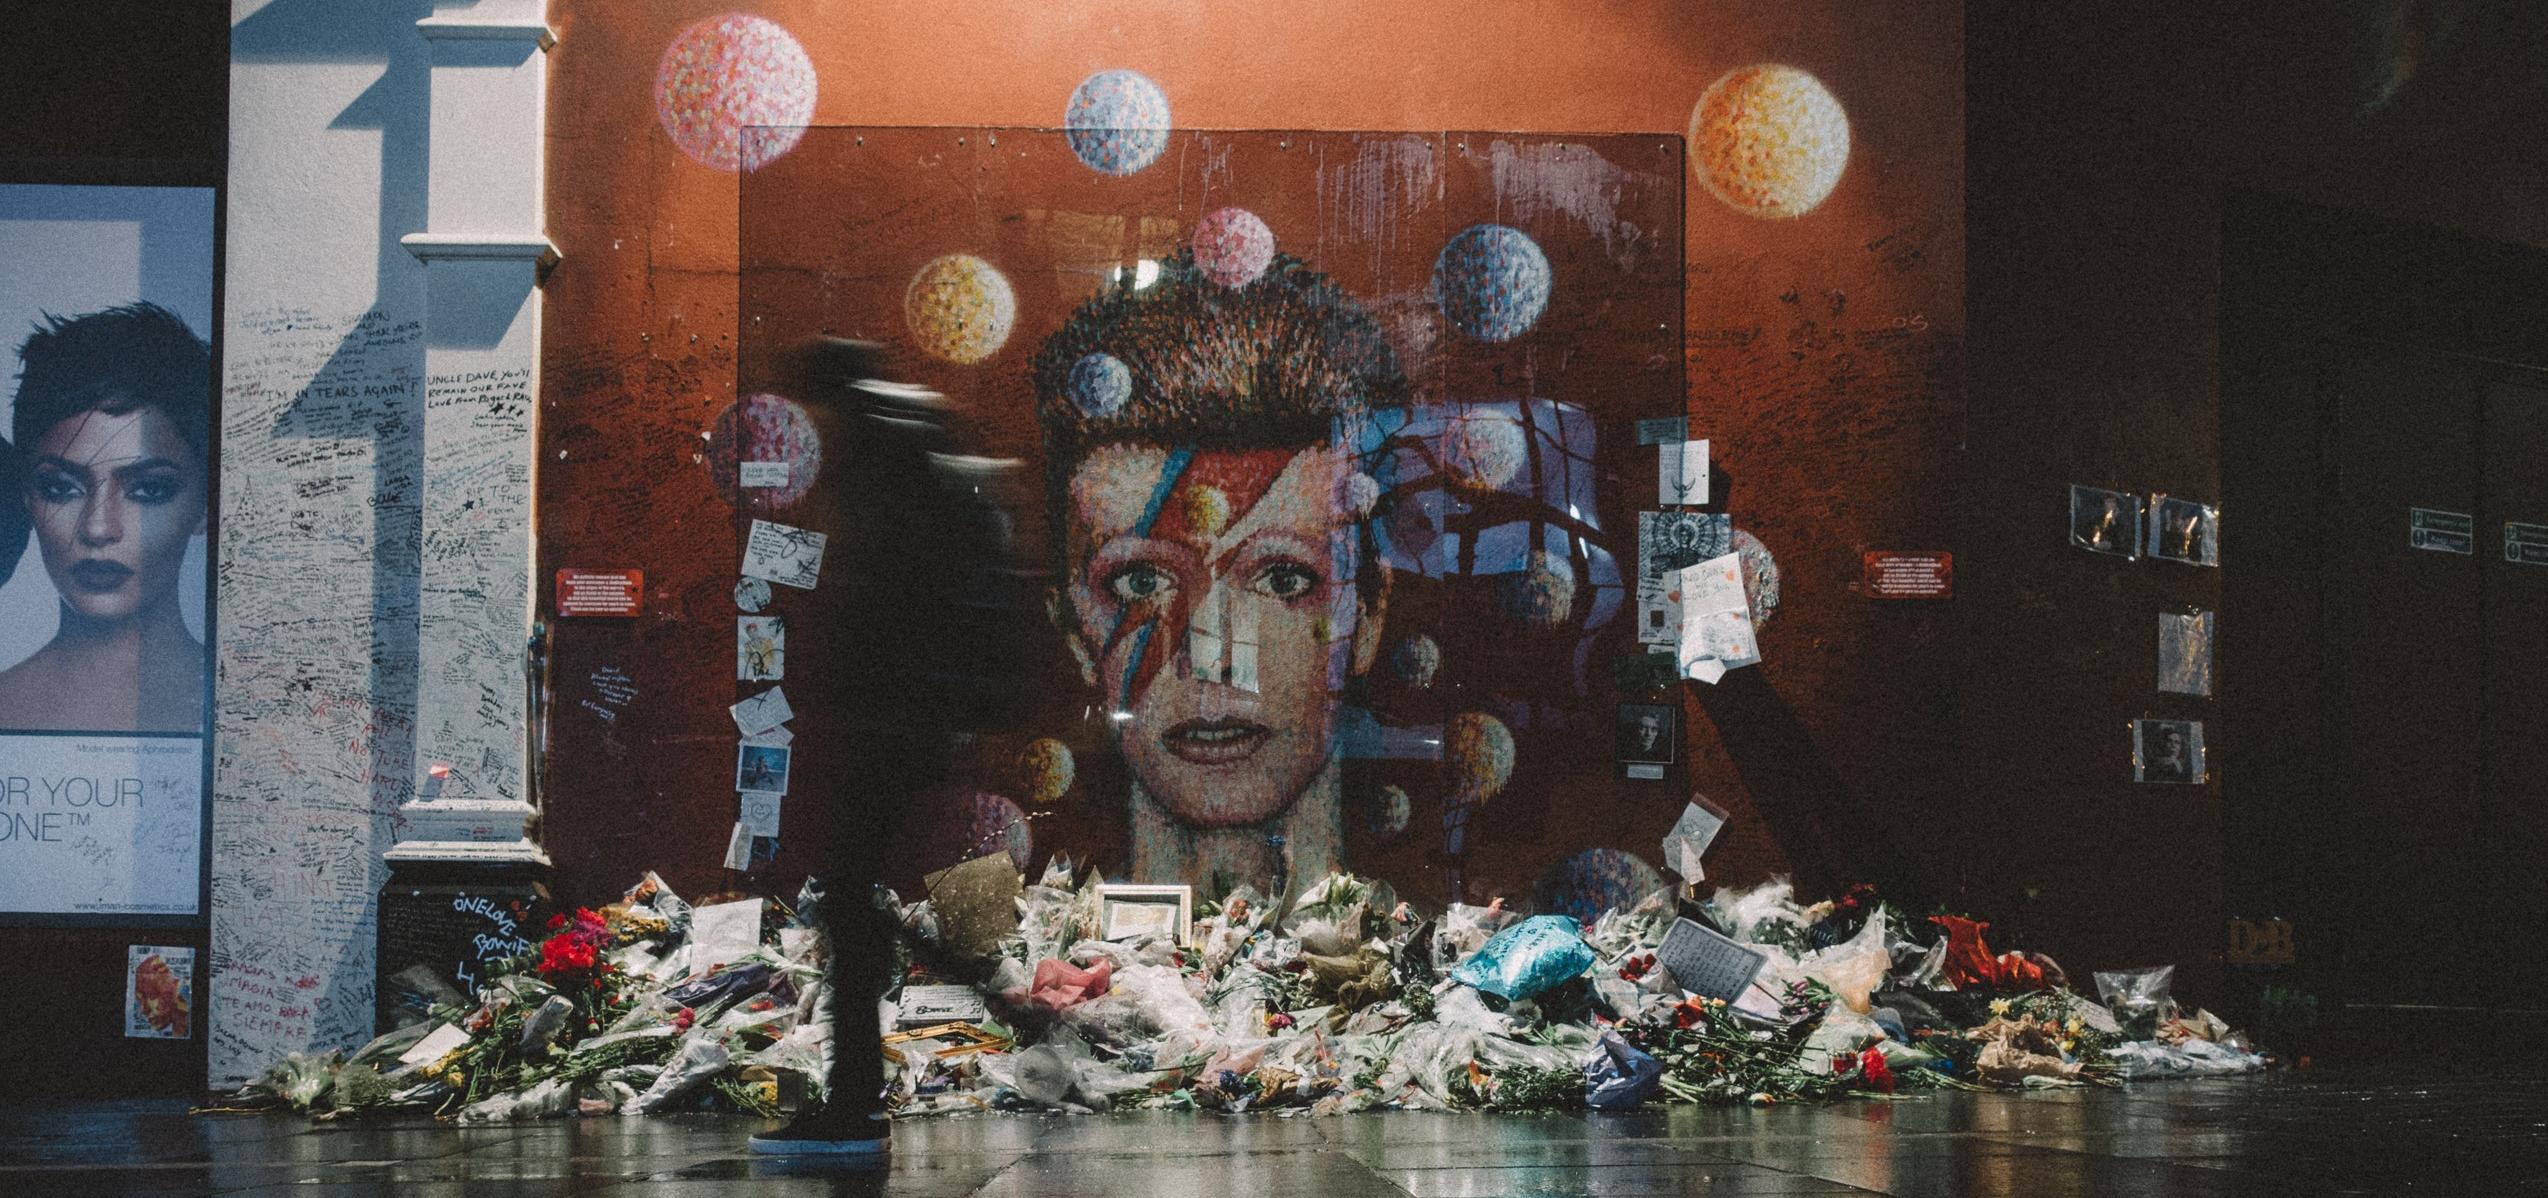 Memorial de David Bowie